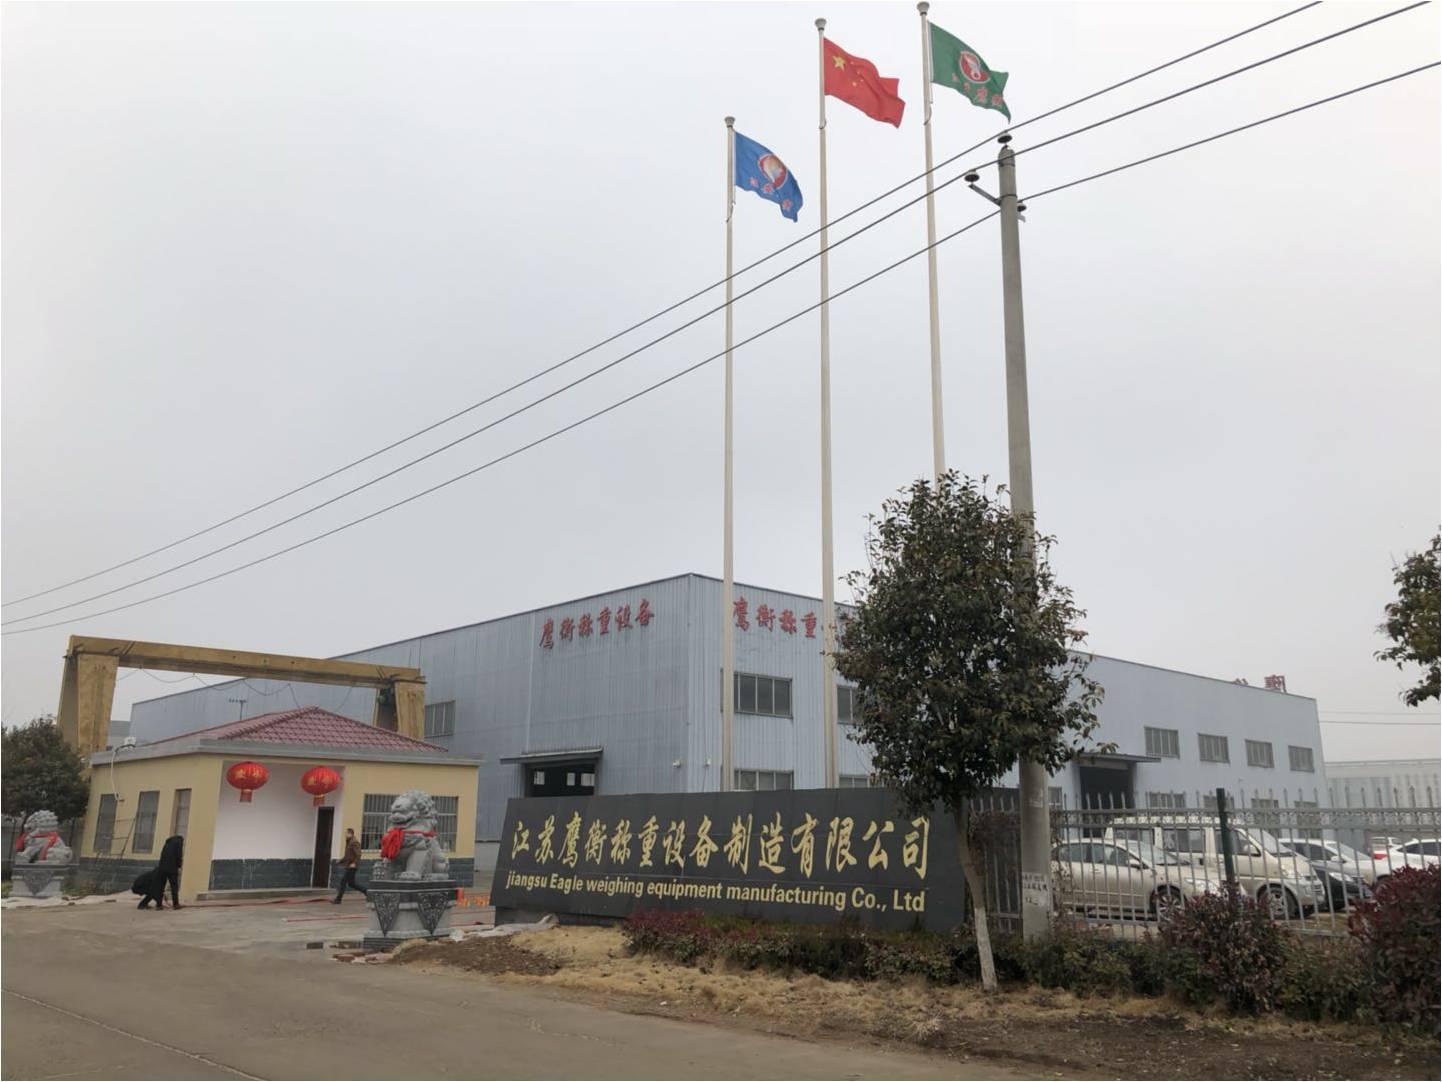 江苏鹰衡称重设备制造有限公司